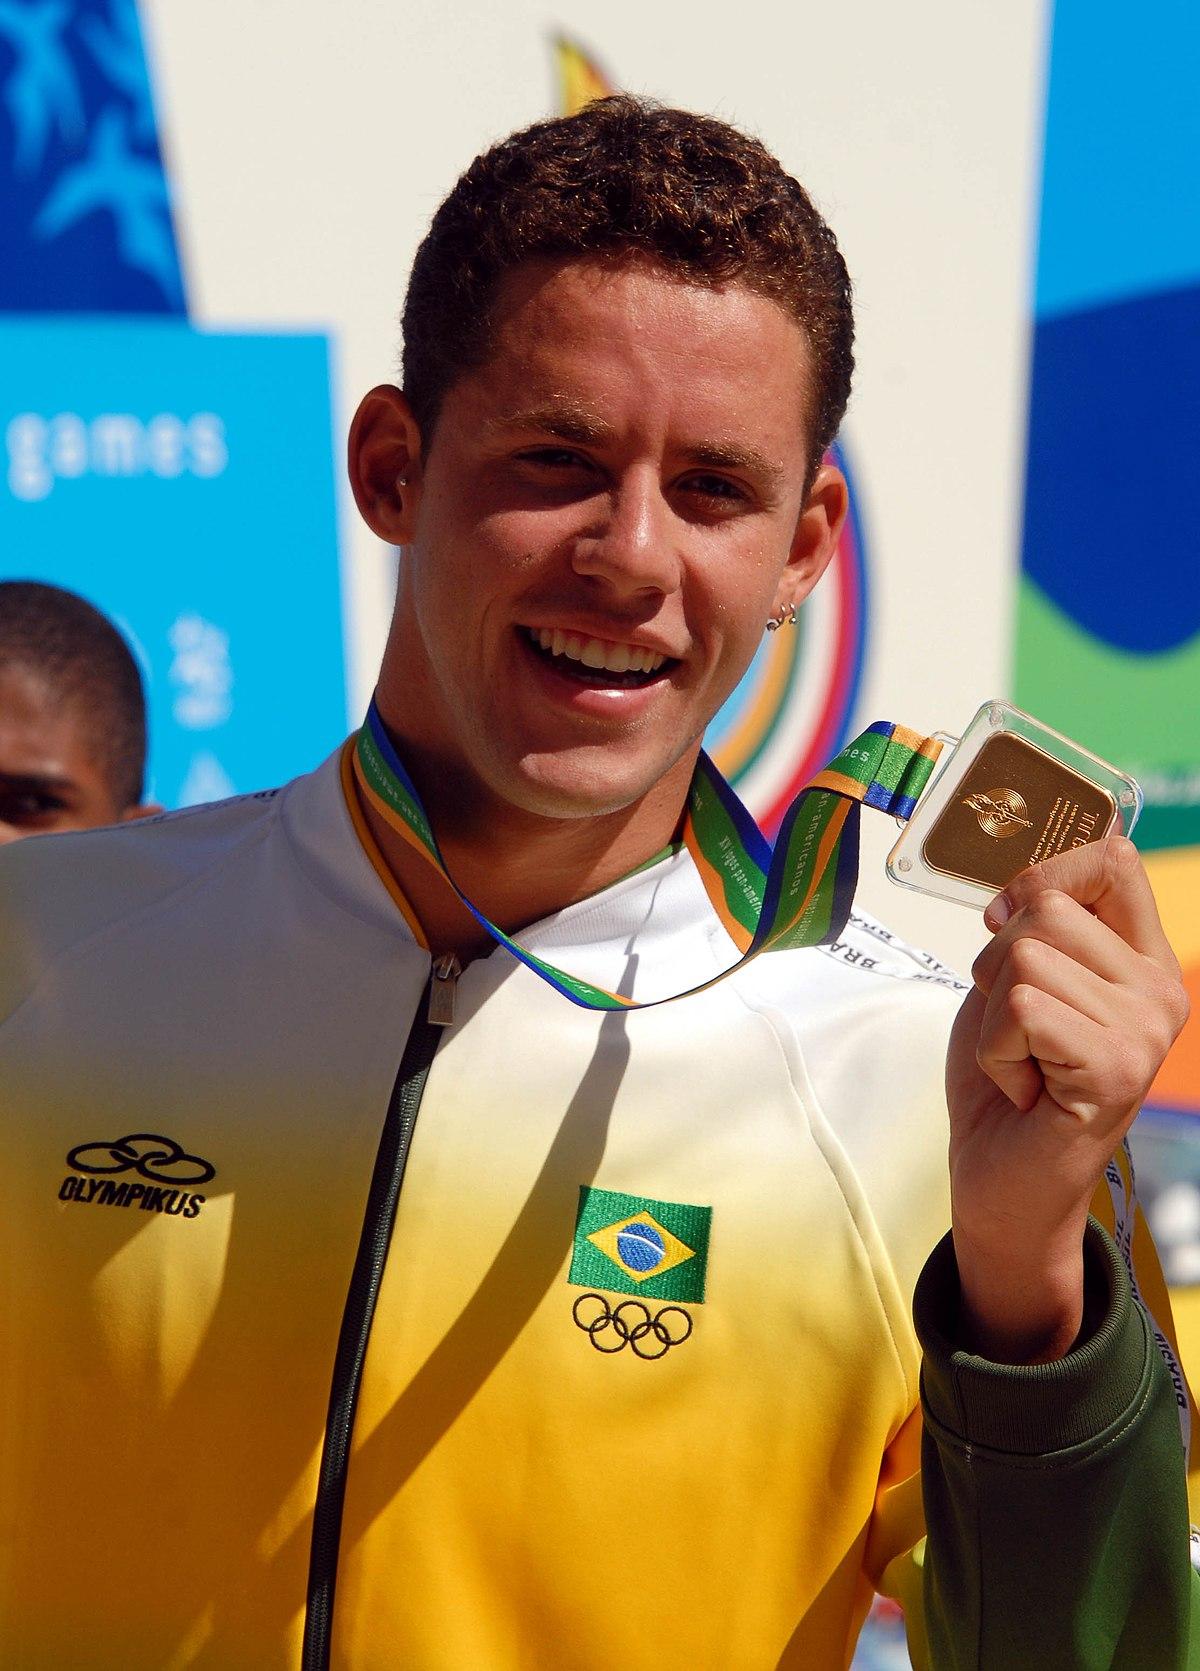 704f99952bfa7 Thiago Pereira – Wikipédia, a enciclopédia livre